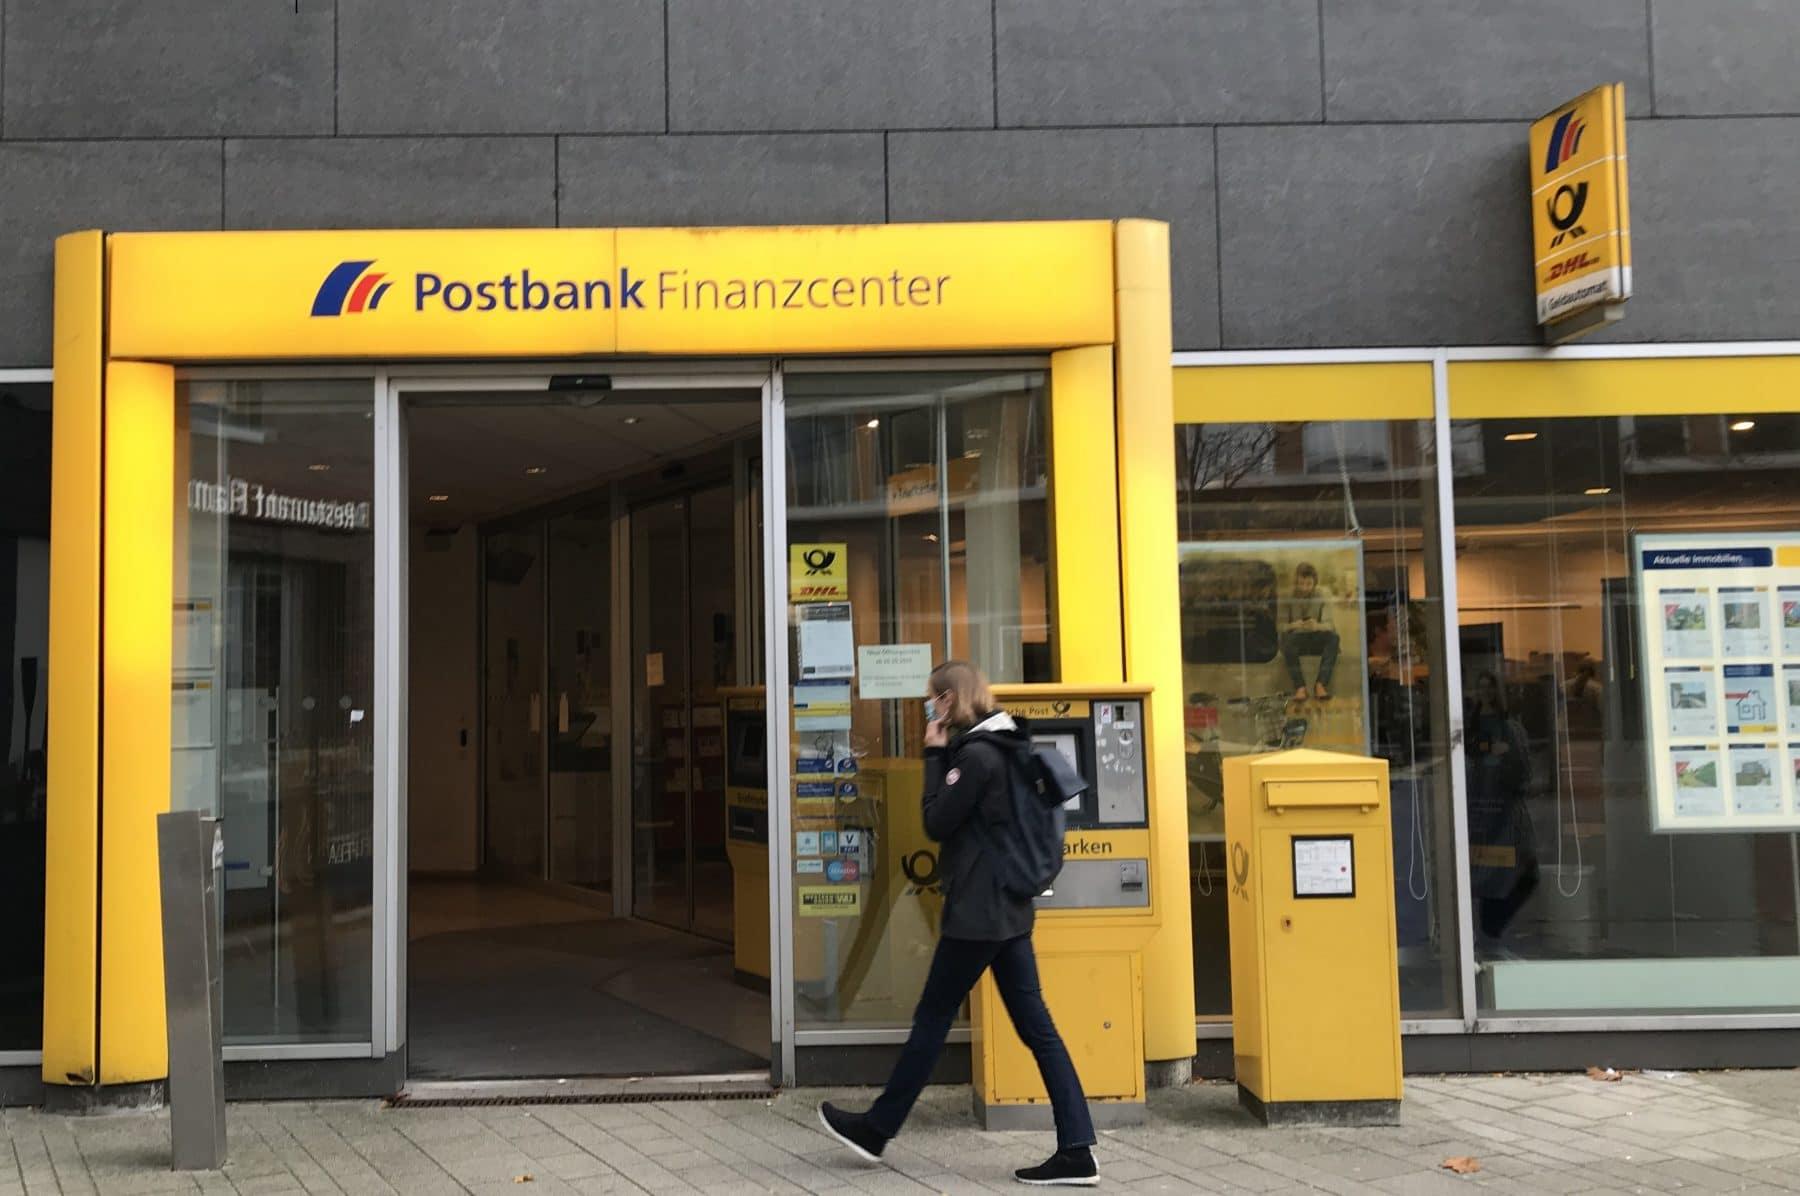 Finanzcenter Hoheluft